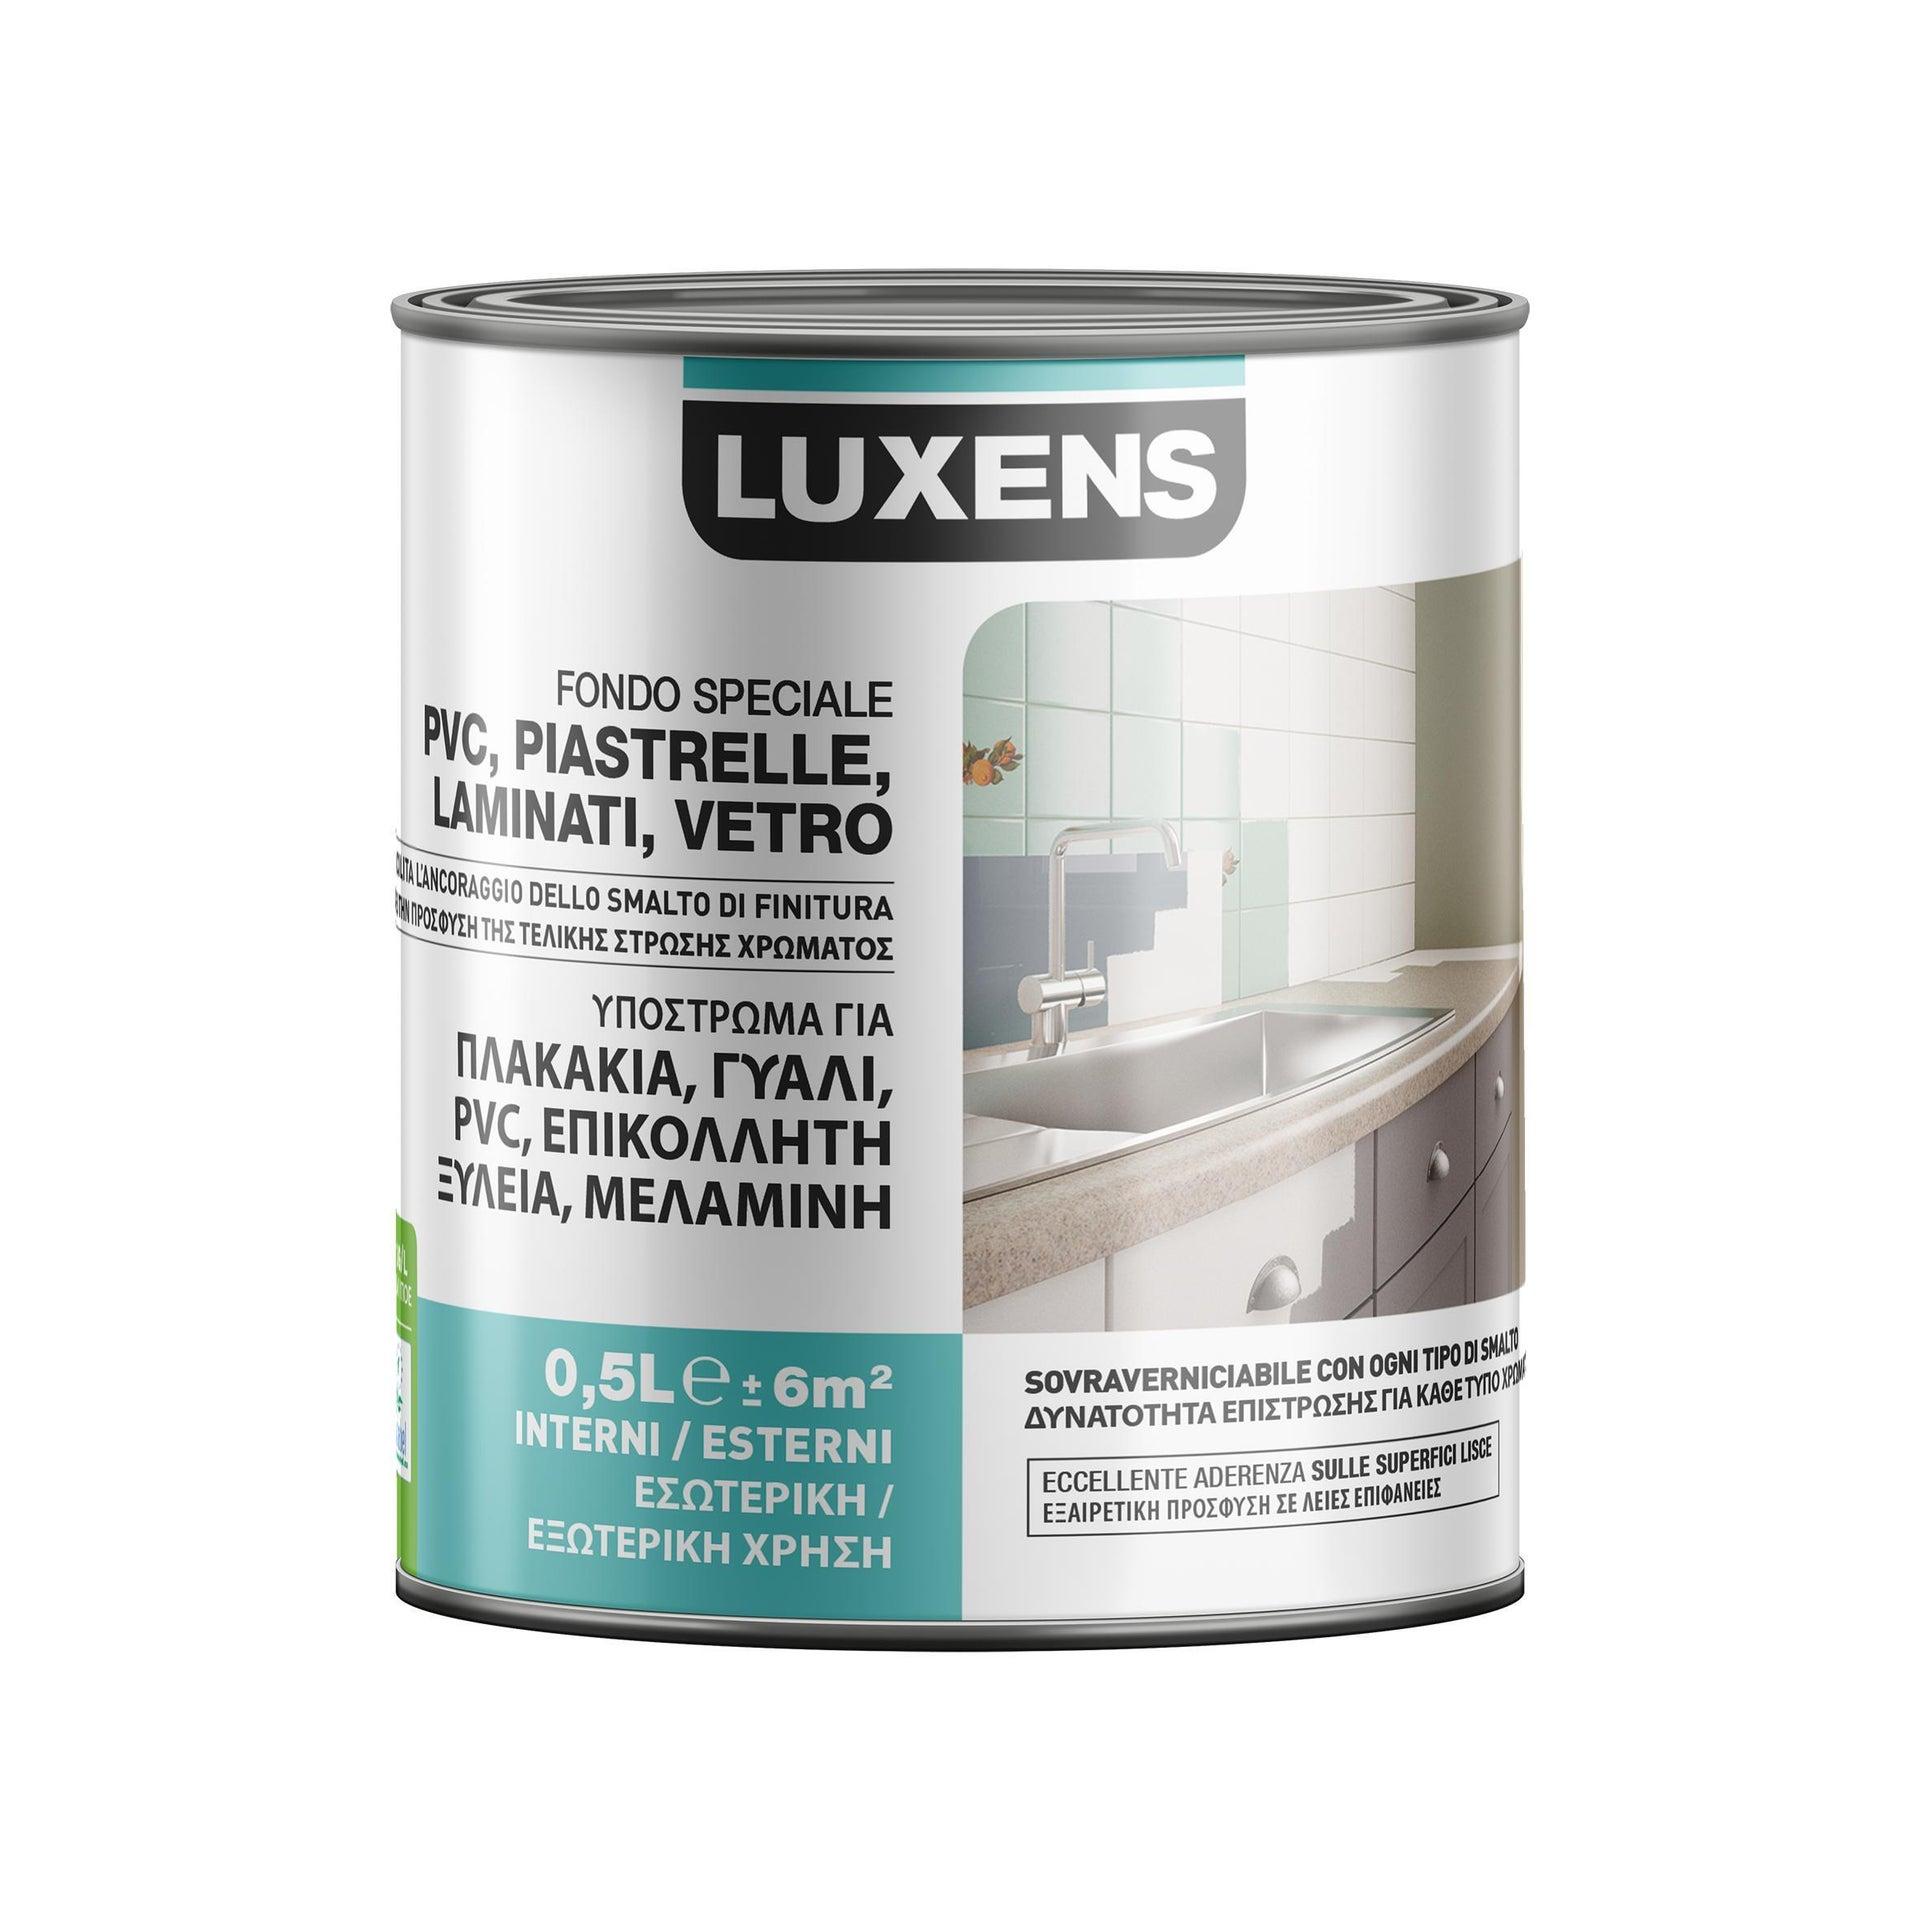 Primer precolorazione LUXENS base acqua interno / esterno per piastrelle, pvc, laminati, vetro 0.5 L - 3